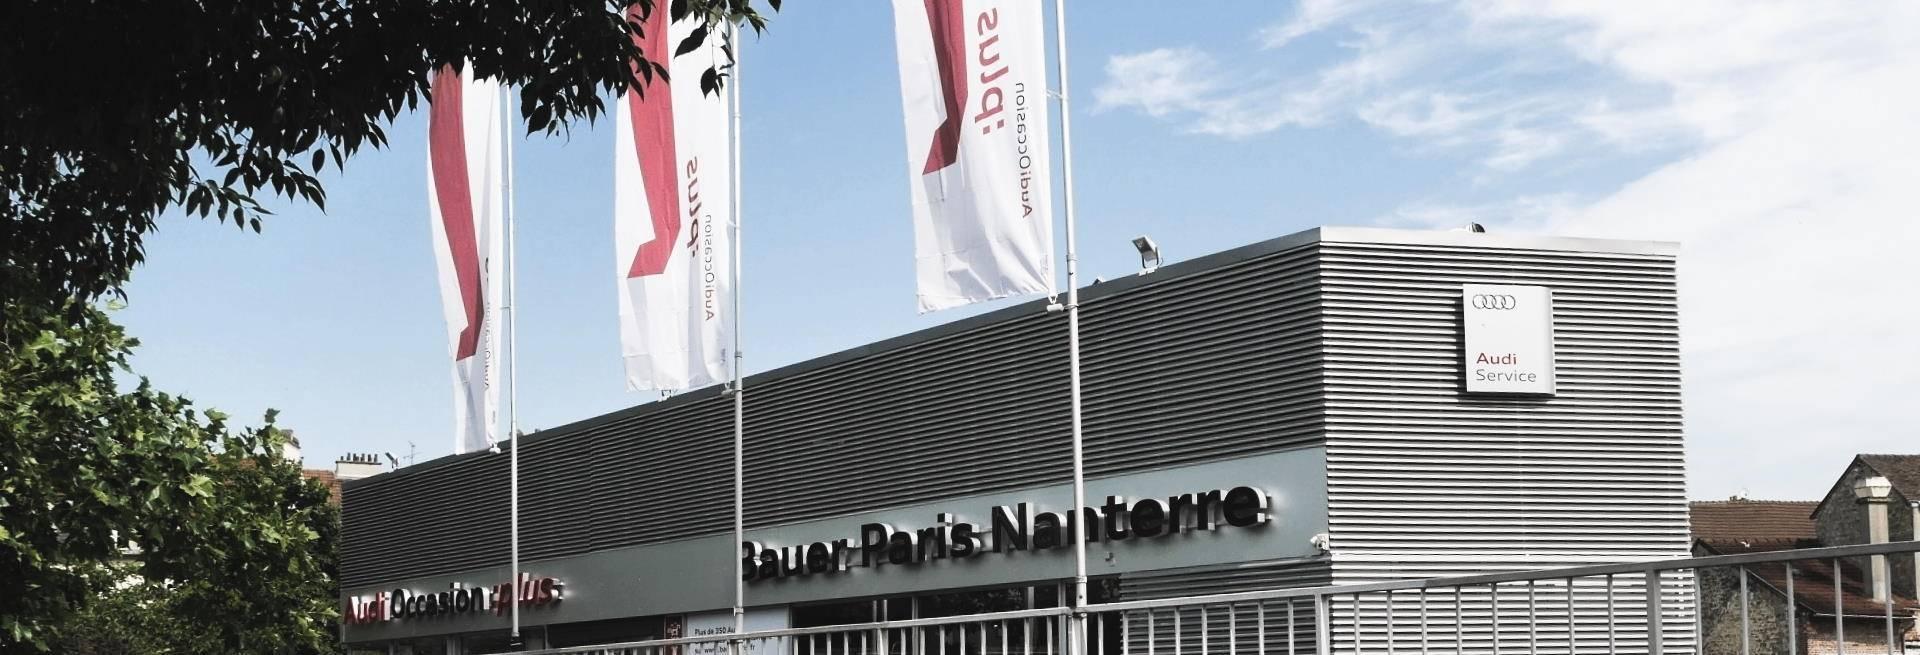 Atelier mécanique Audi Bauer Paris Nanterre 92